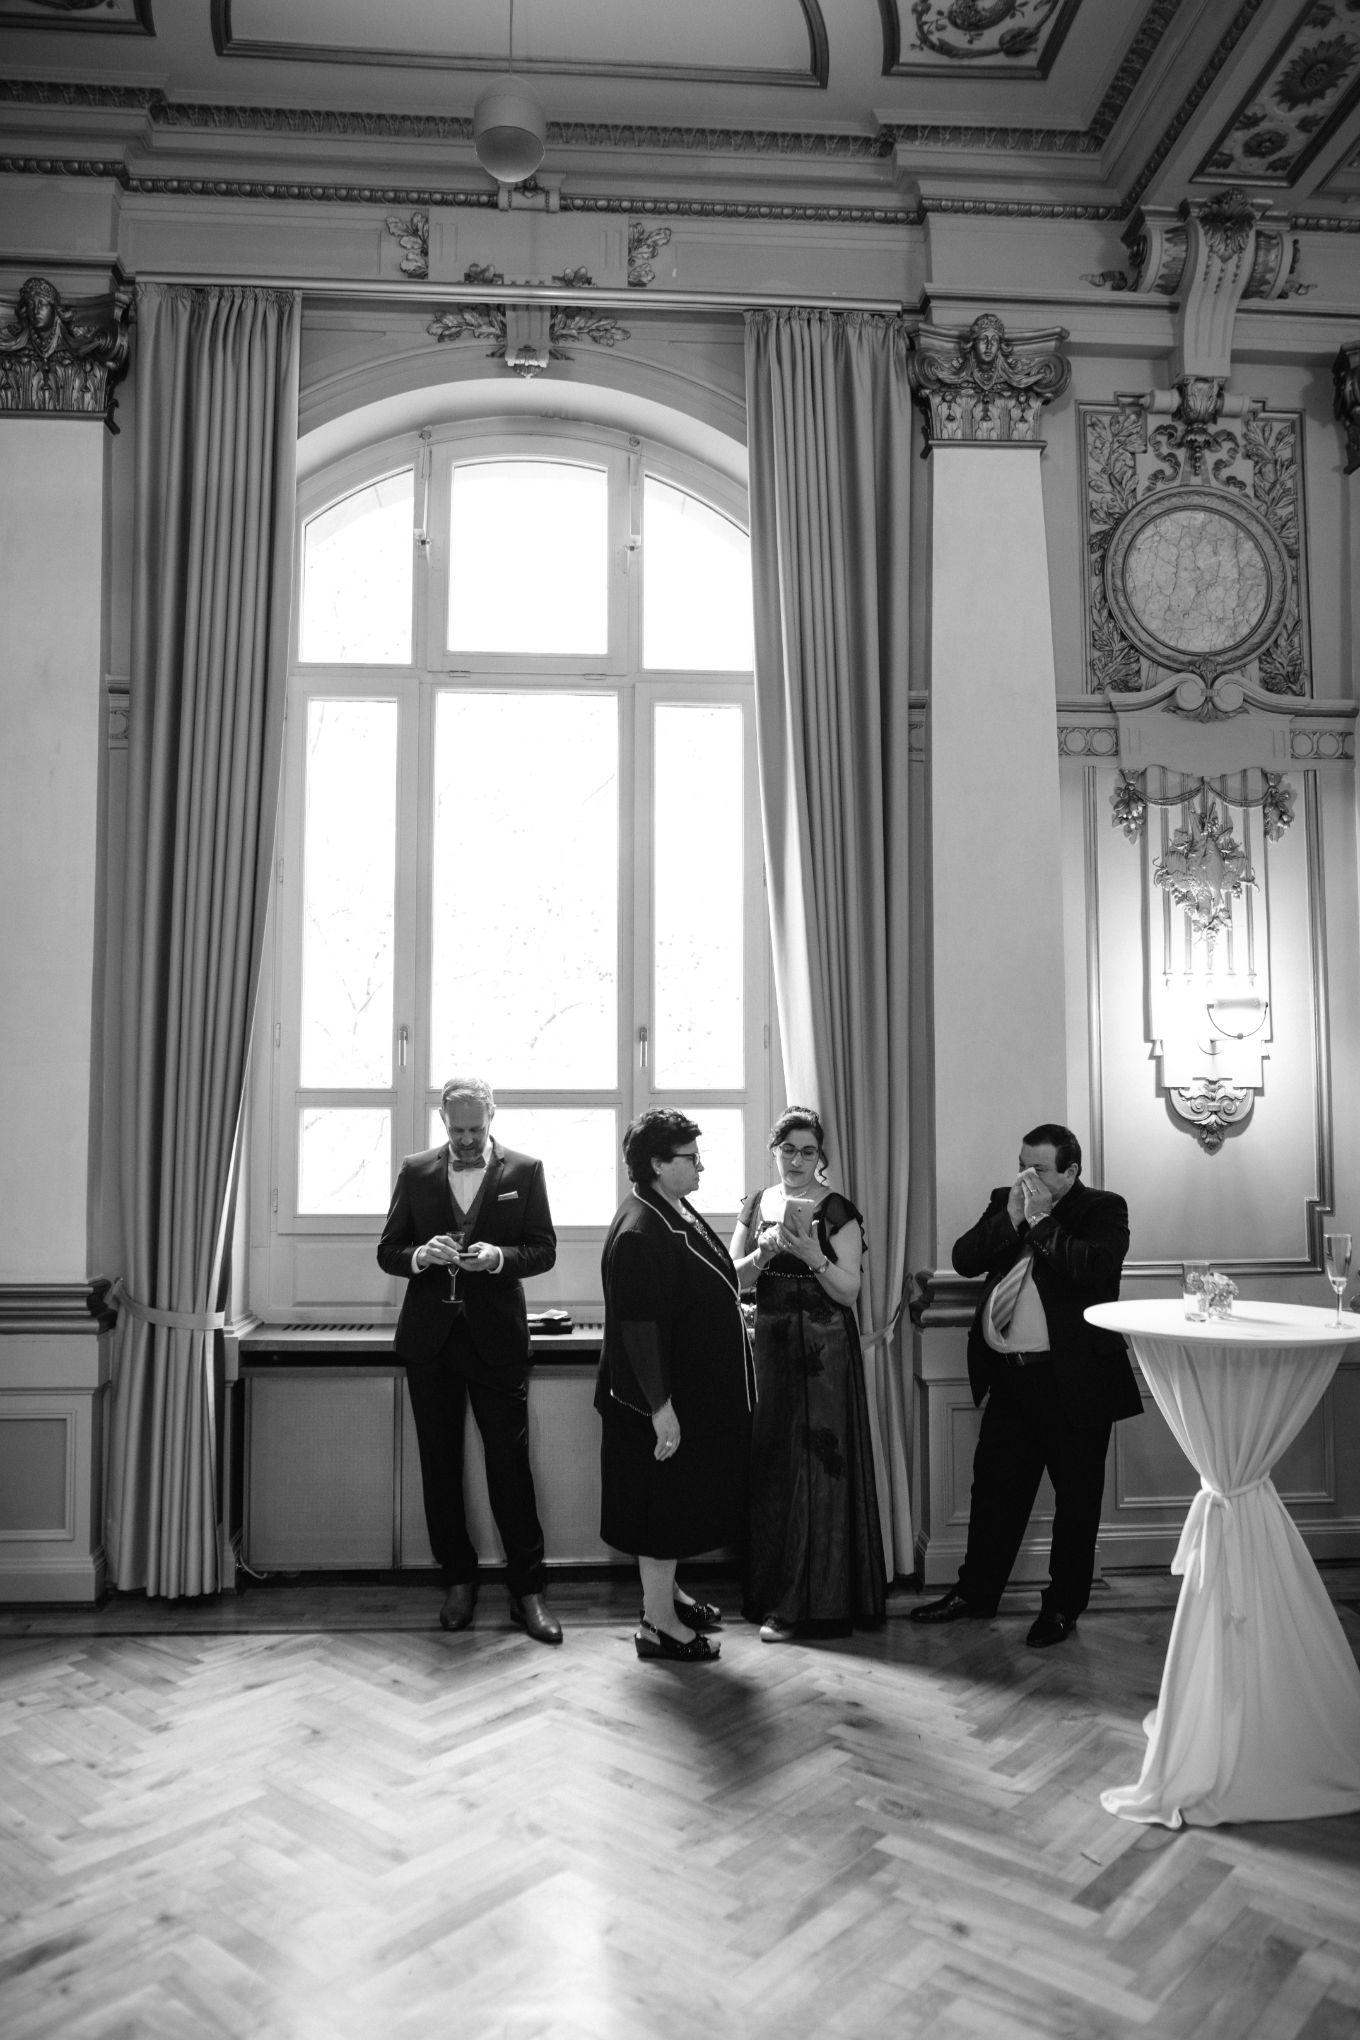 Historische-Stadthalle-Wuppertal-Hochzeit-The-Saums-KN-3-230.jpg